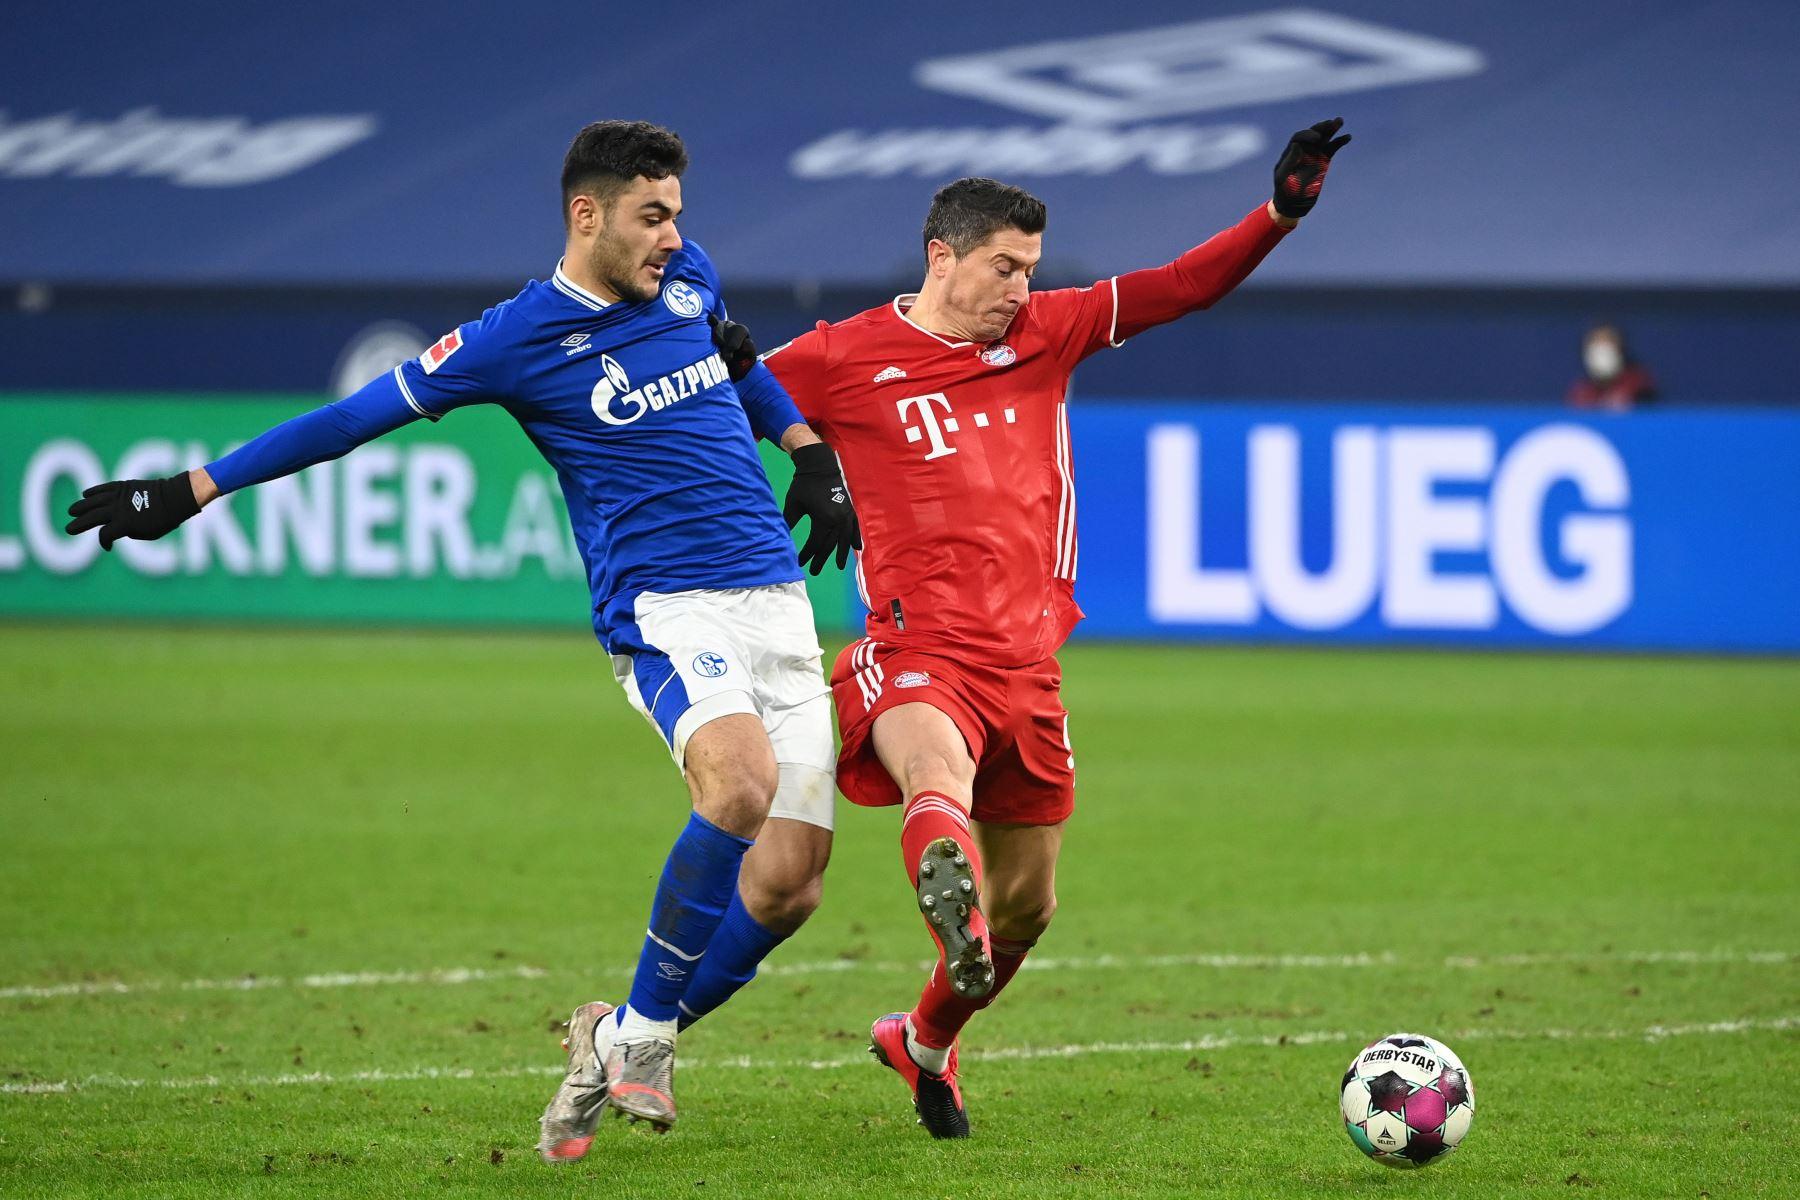 El defensor turco del Schalke Ozan Kabak  y el delantero polaco del Bayern Múnich Robert Lewandowski compiten por el balón durante el partido de fútbol de la Bundesliga de primera división alemana Schalke 04 v FC Bayern Munich en Gelsenkirchen, Alemania occidental. Foto:  AFP